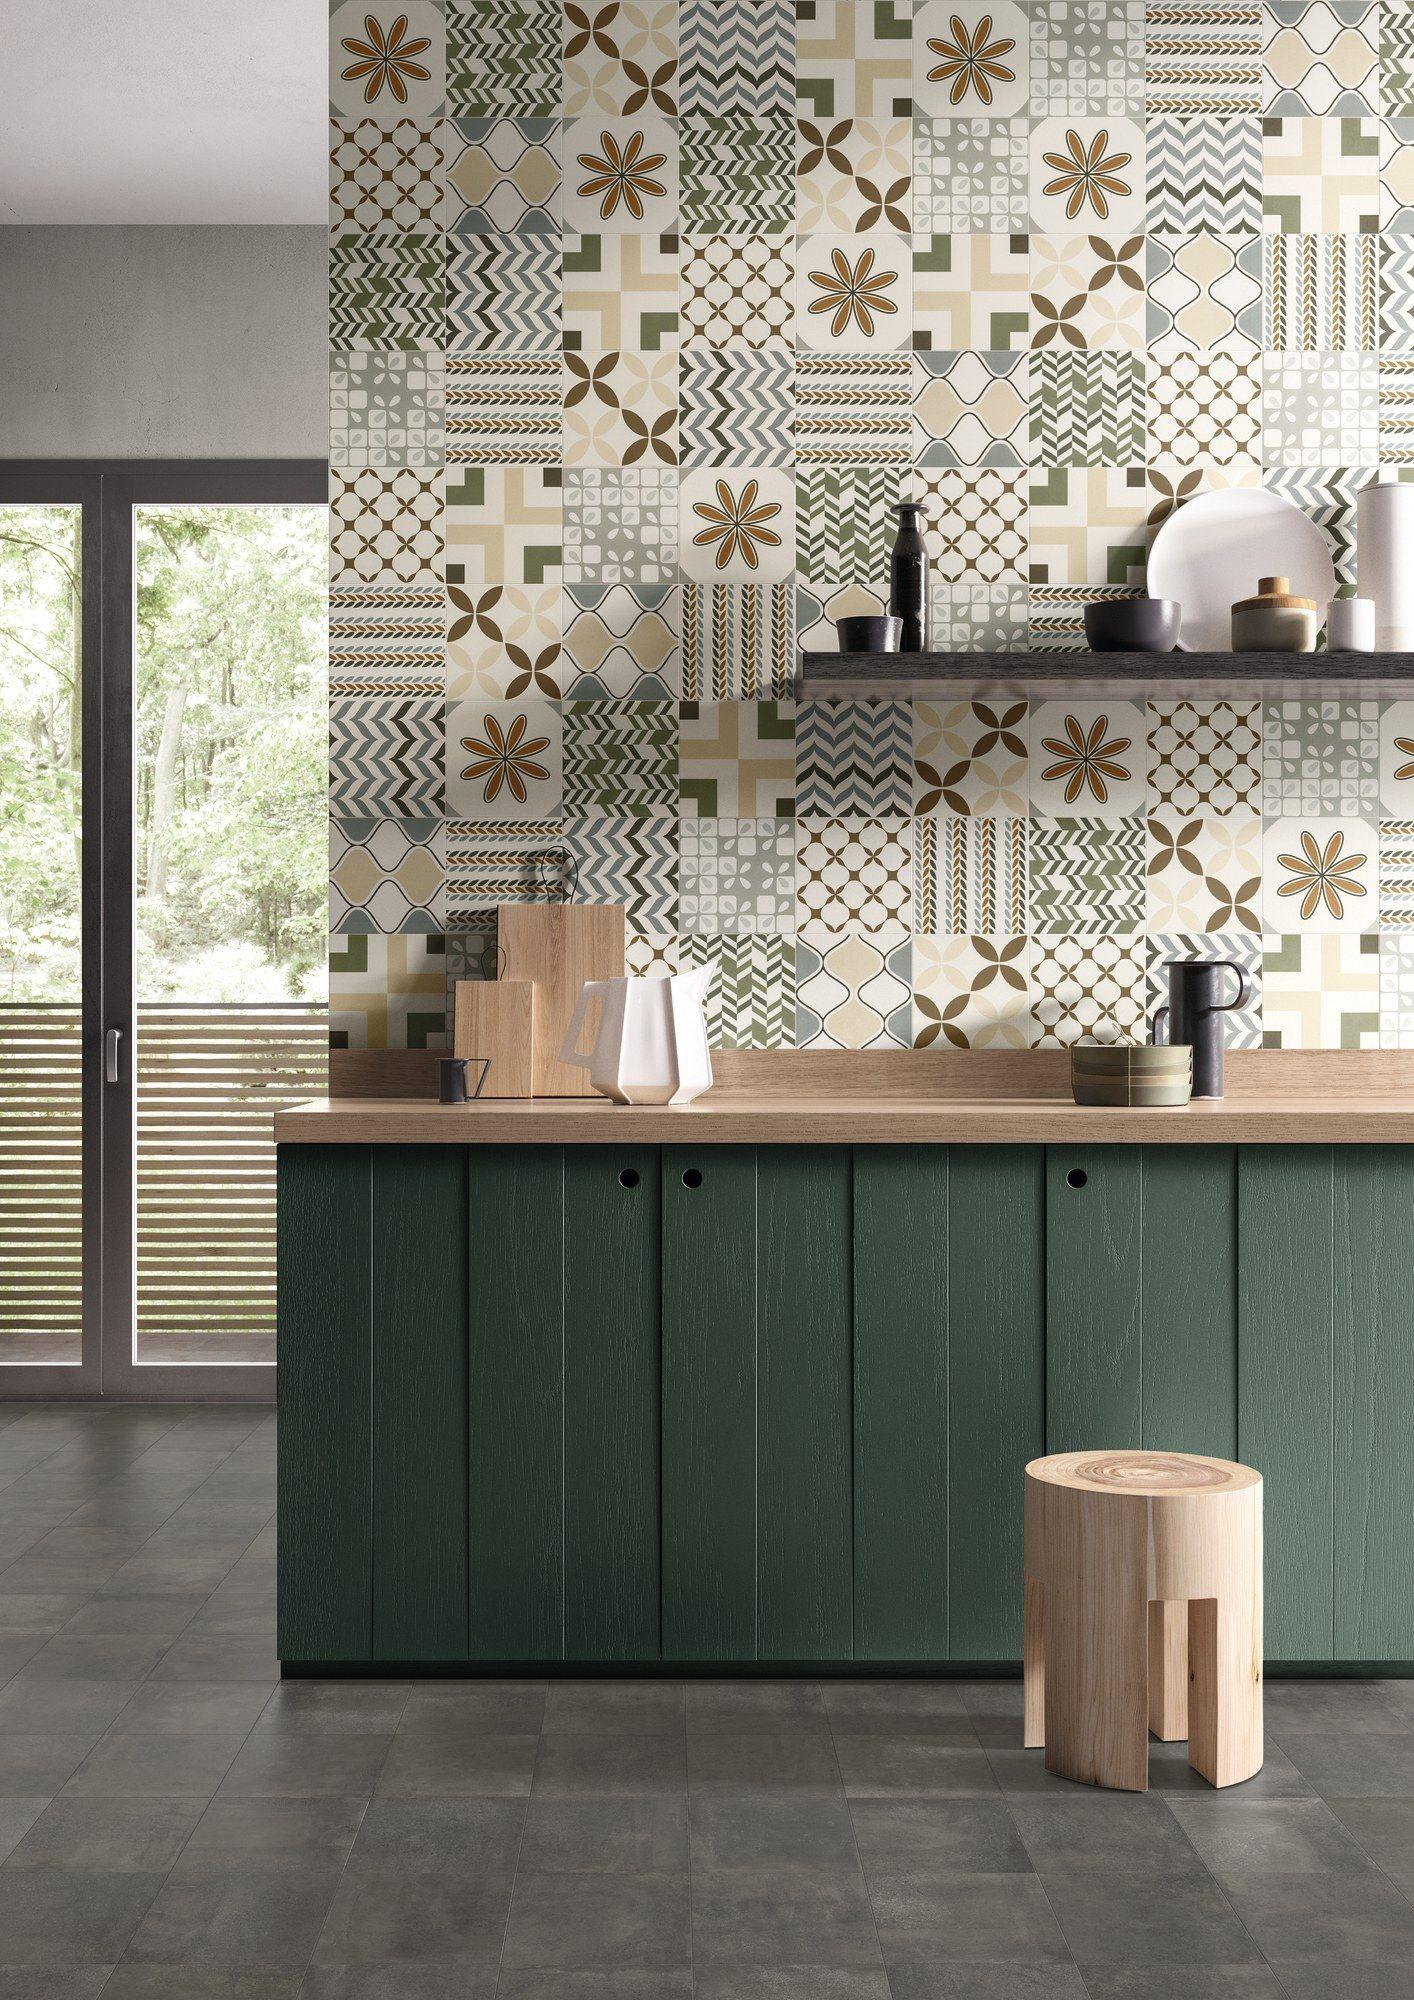 Piastrelle Cucina Gres Porcellanato pavimento/rivestimento in gres porcellanato per interni be